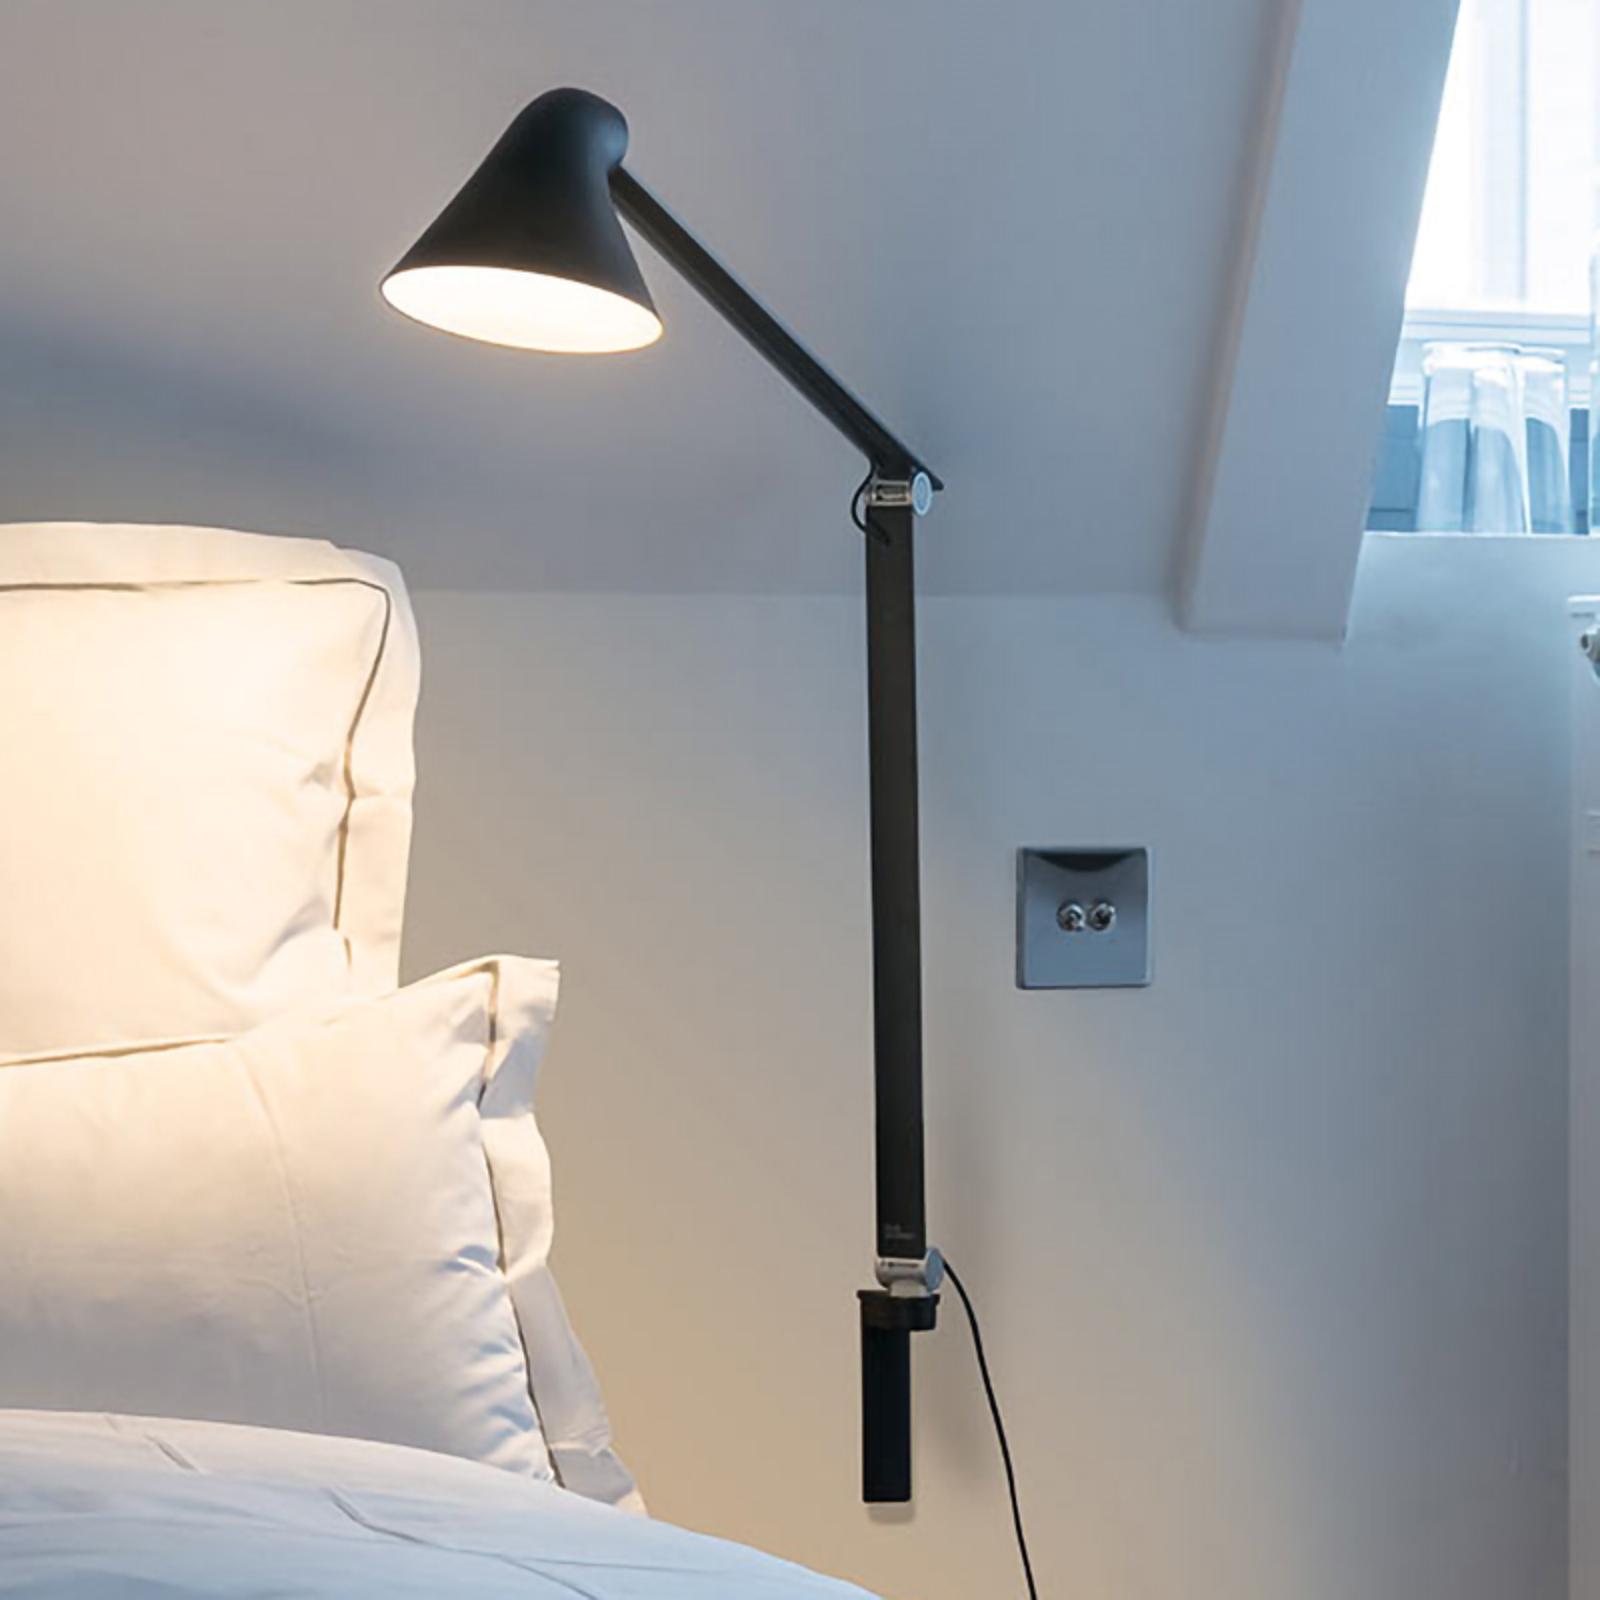 Louis Poulsen NJP LED wandlamp, lange arm, zwart